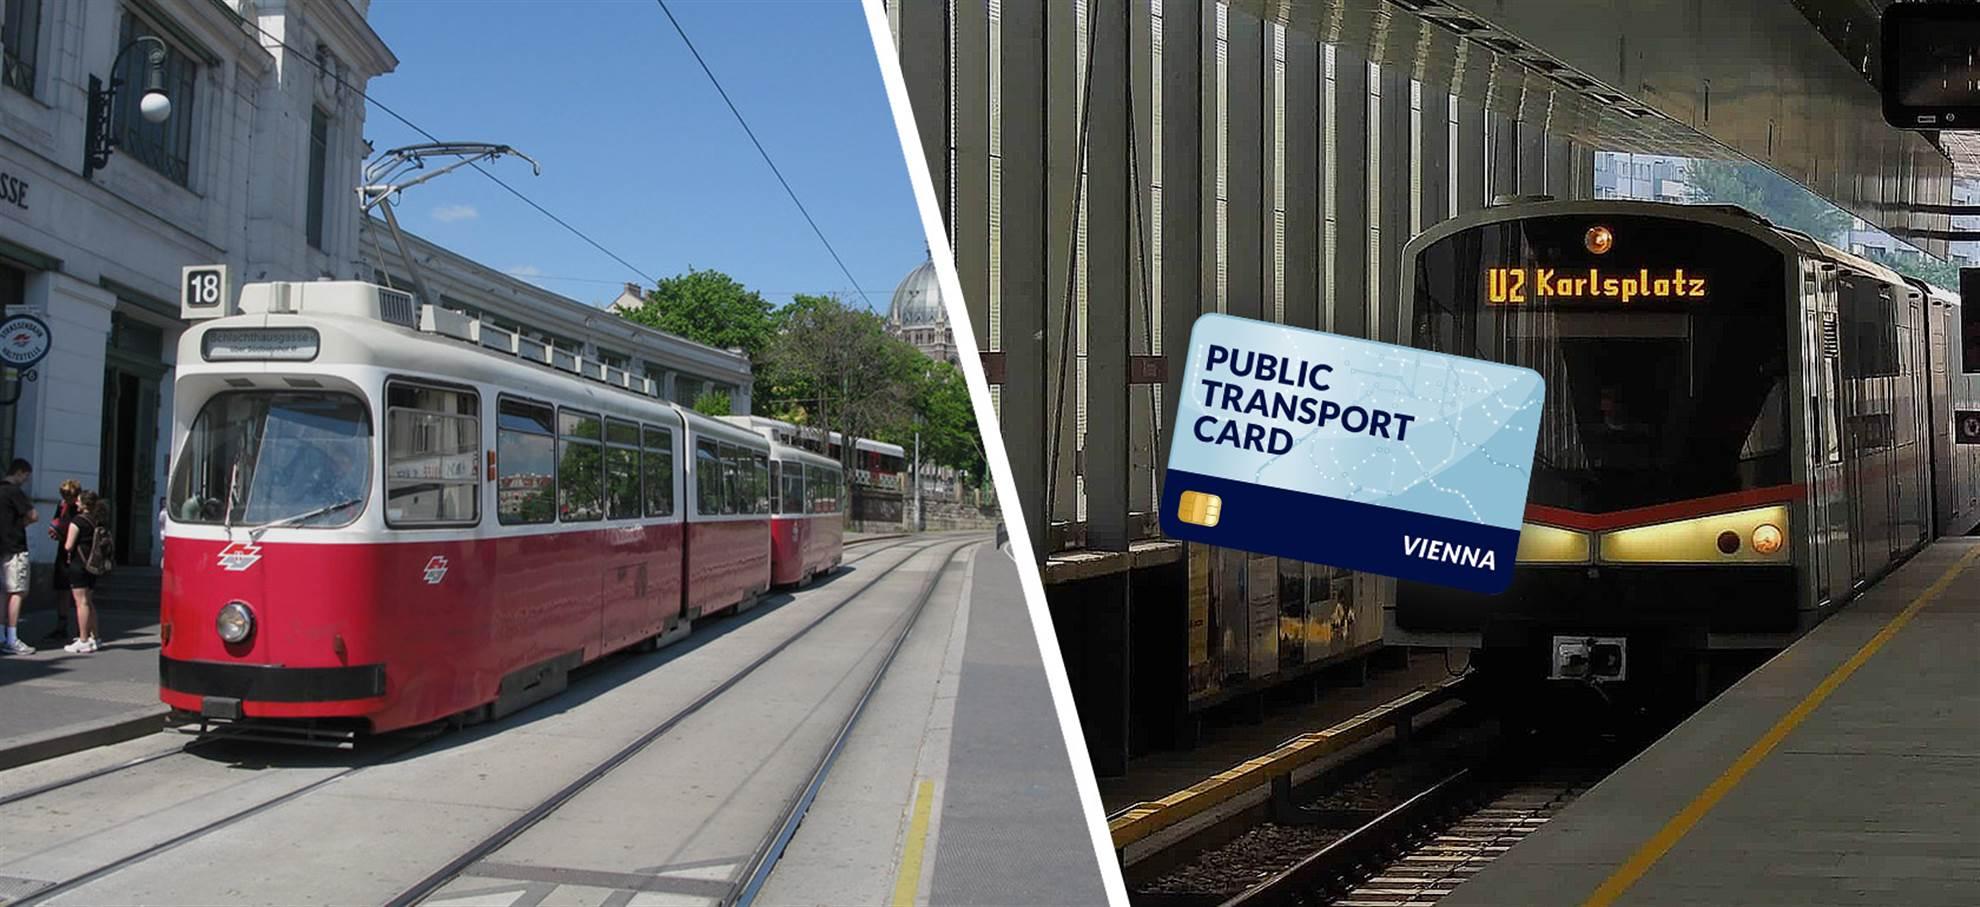 Vienna Travel Card